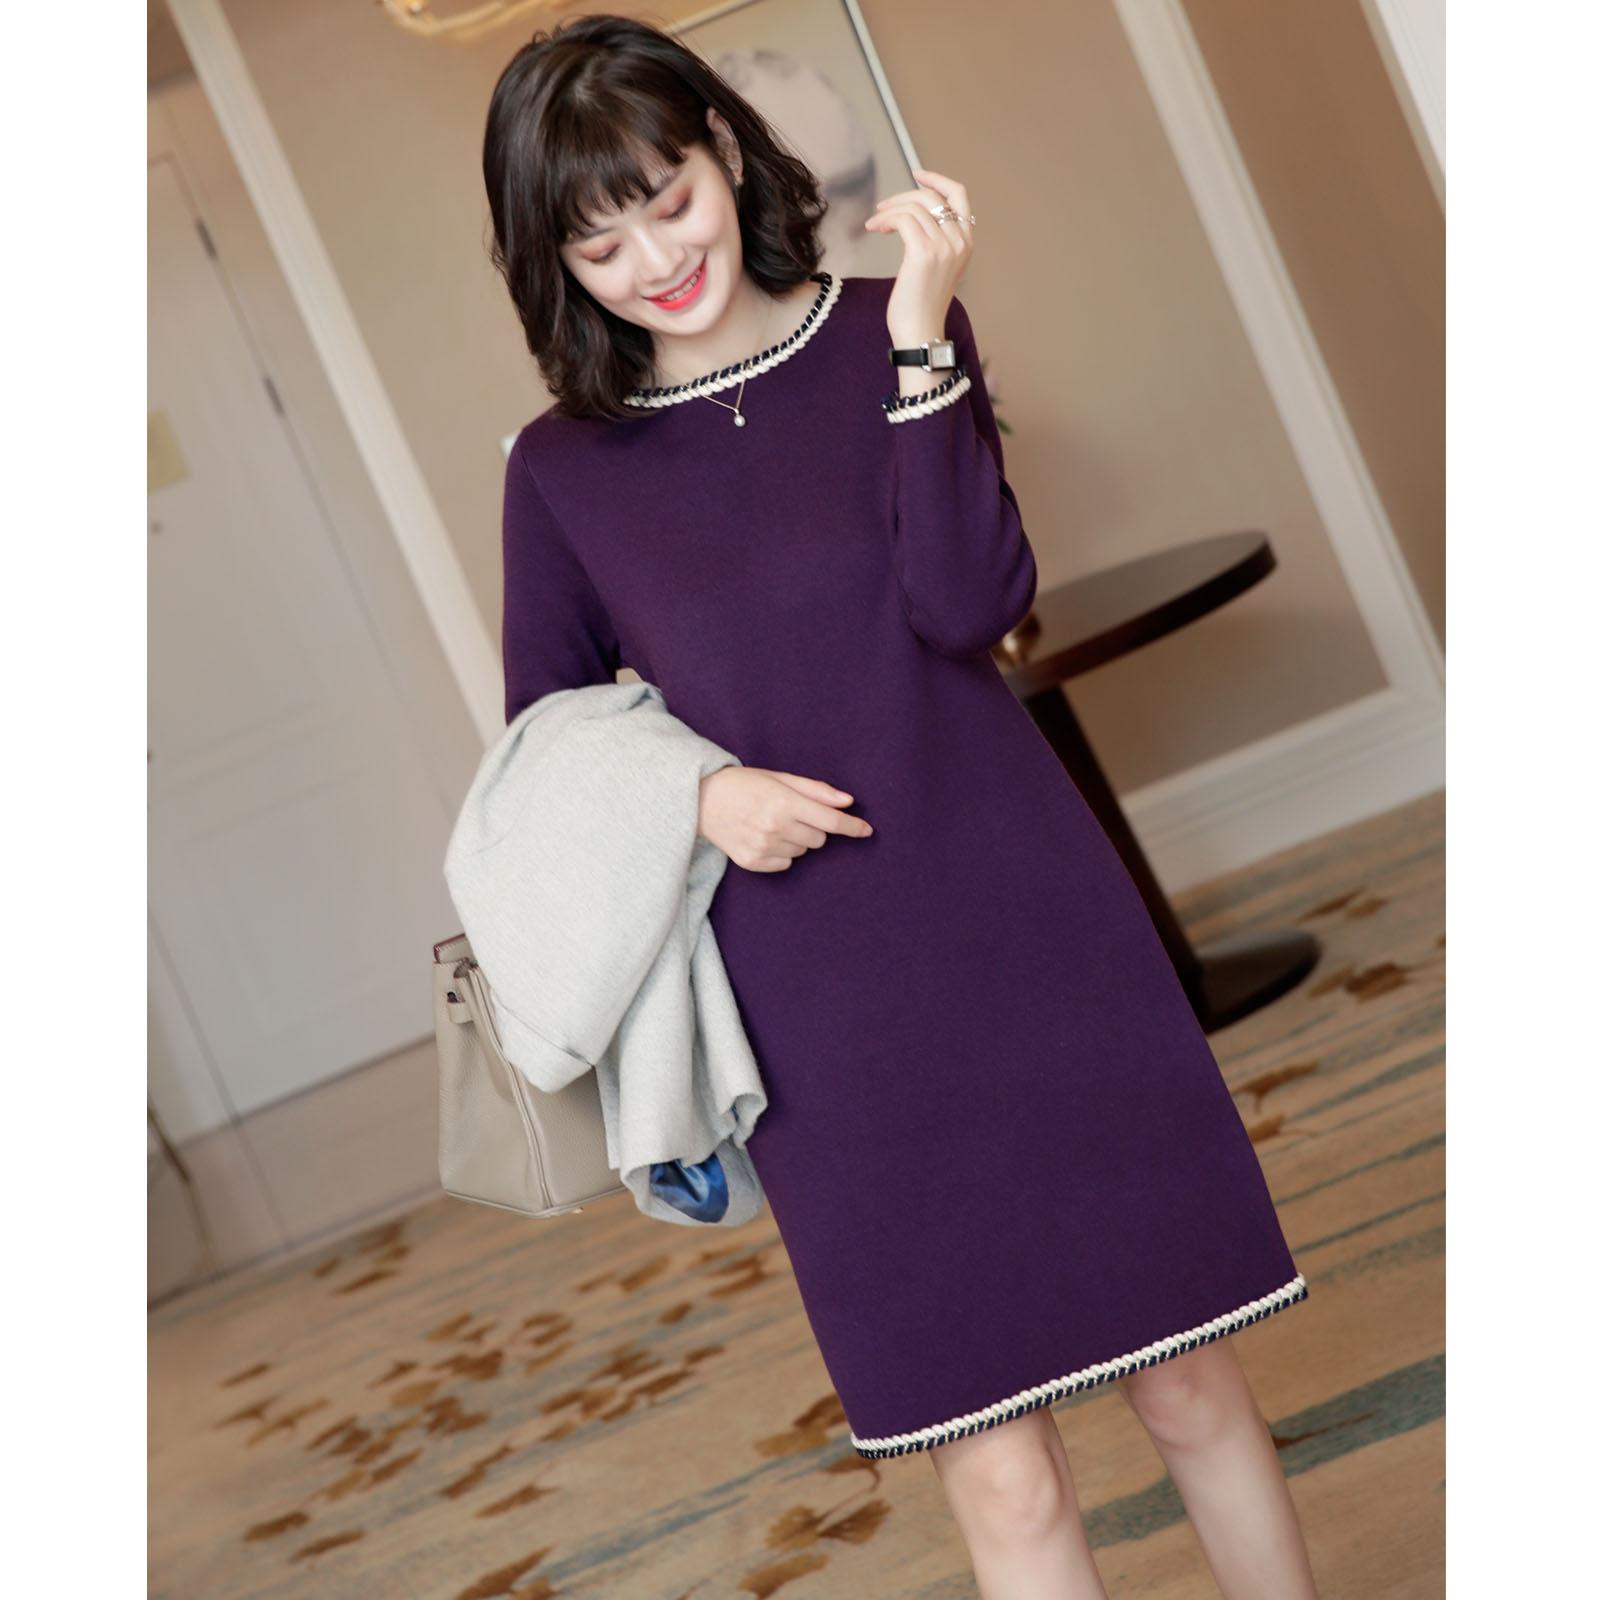 喜欢这种有腔调的裙装~ 金丝麻花编织点缀 圆领羊毛针织裙连衣裙